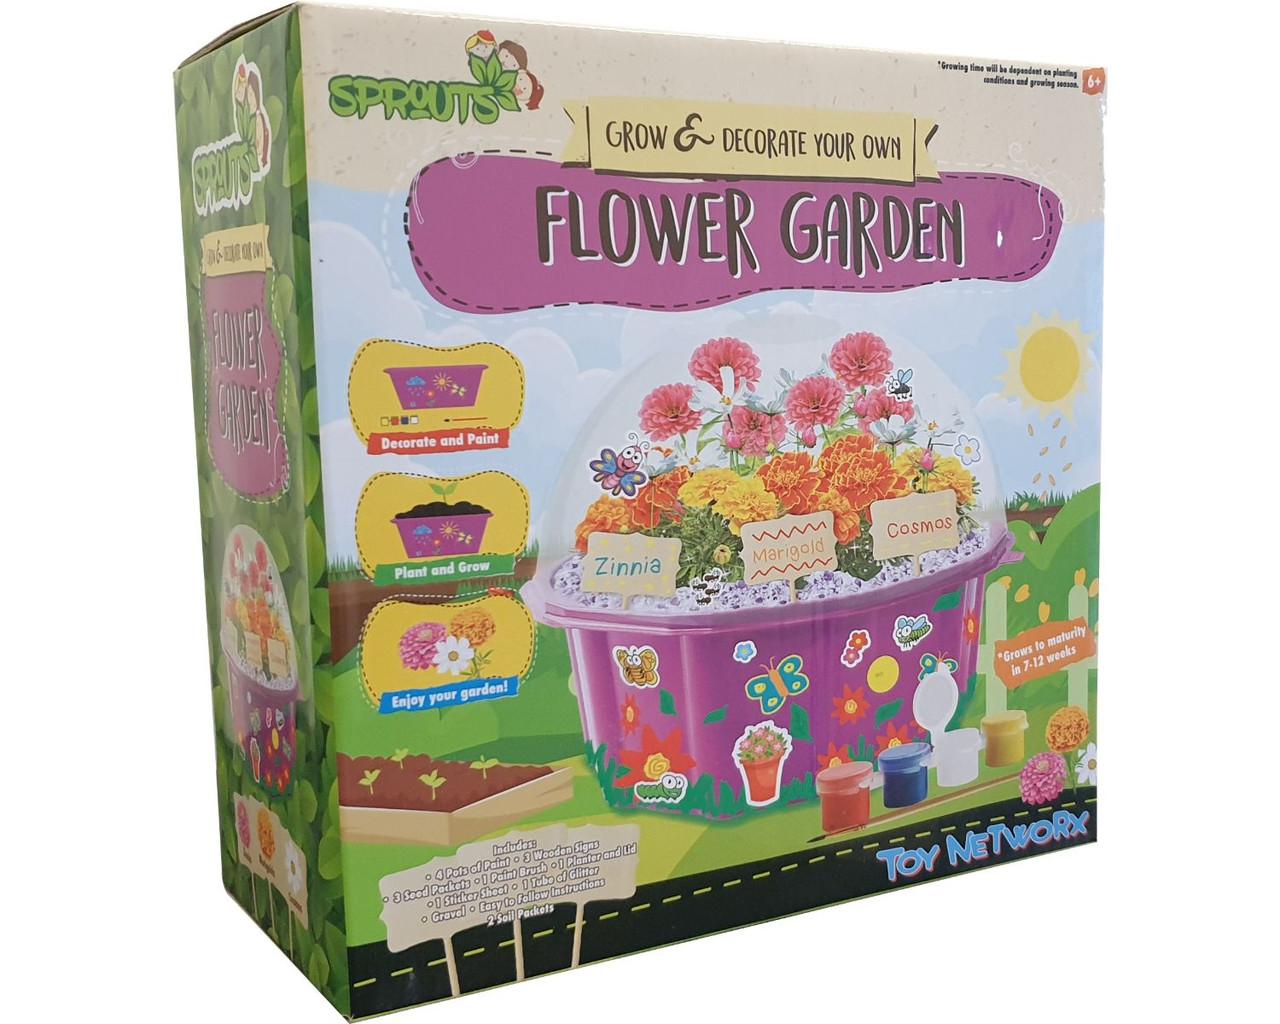 Sprouts Flower Garden